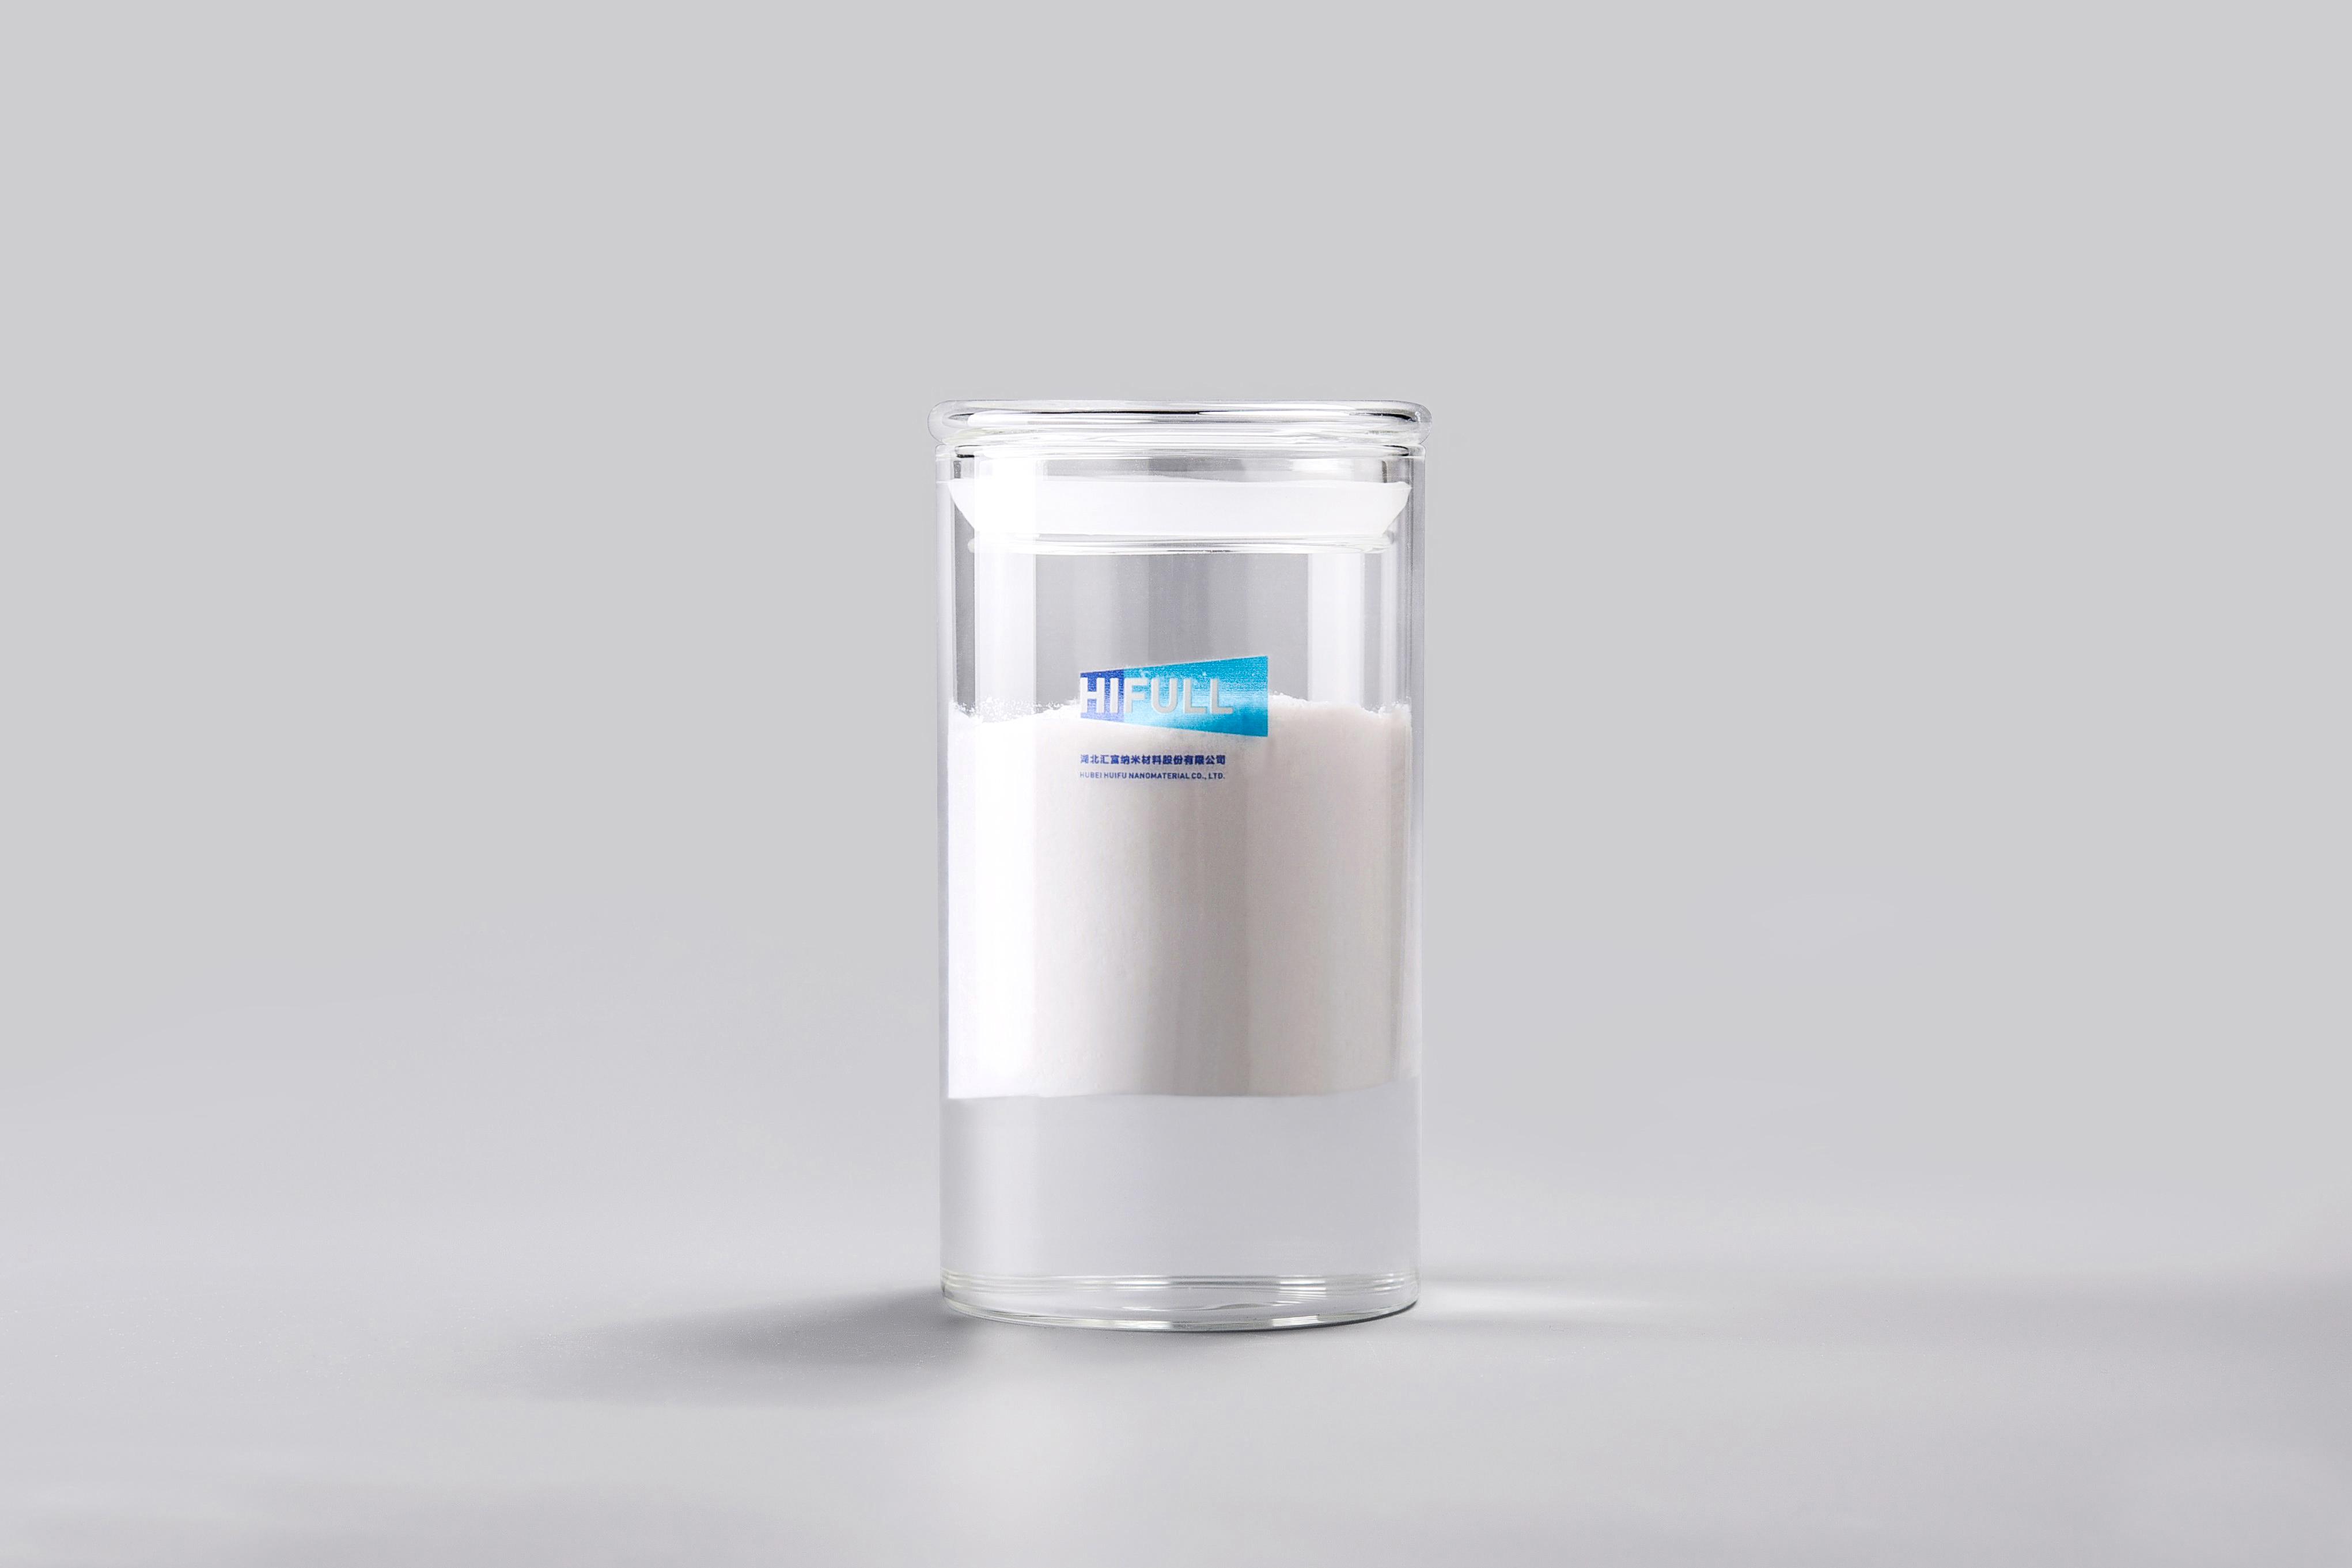 原因几何,不饱和聚酯树脂也要添加气相二氧化硅?